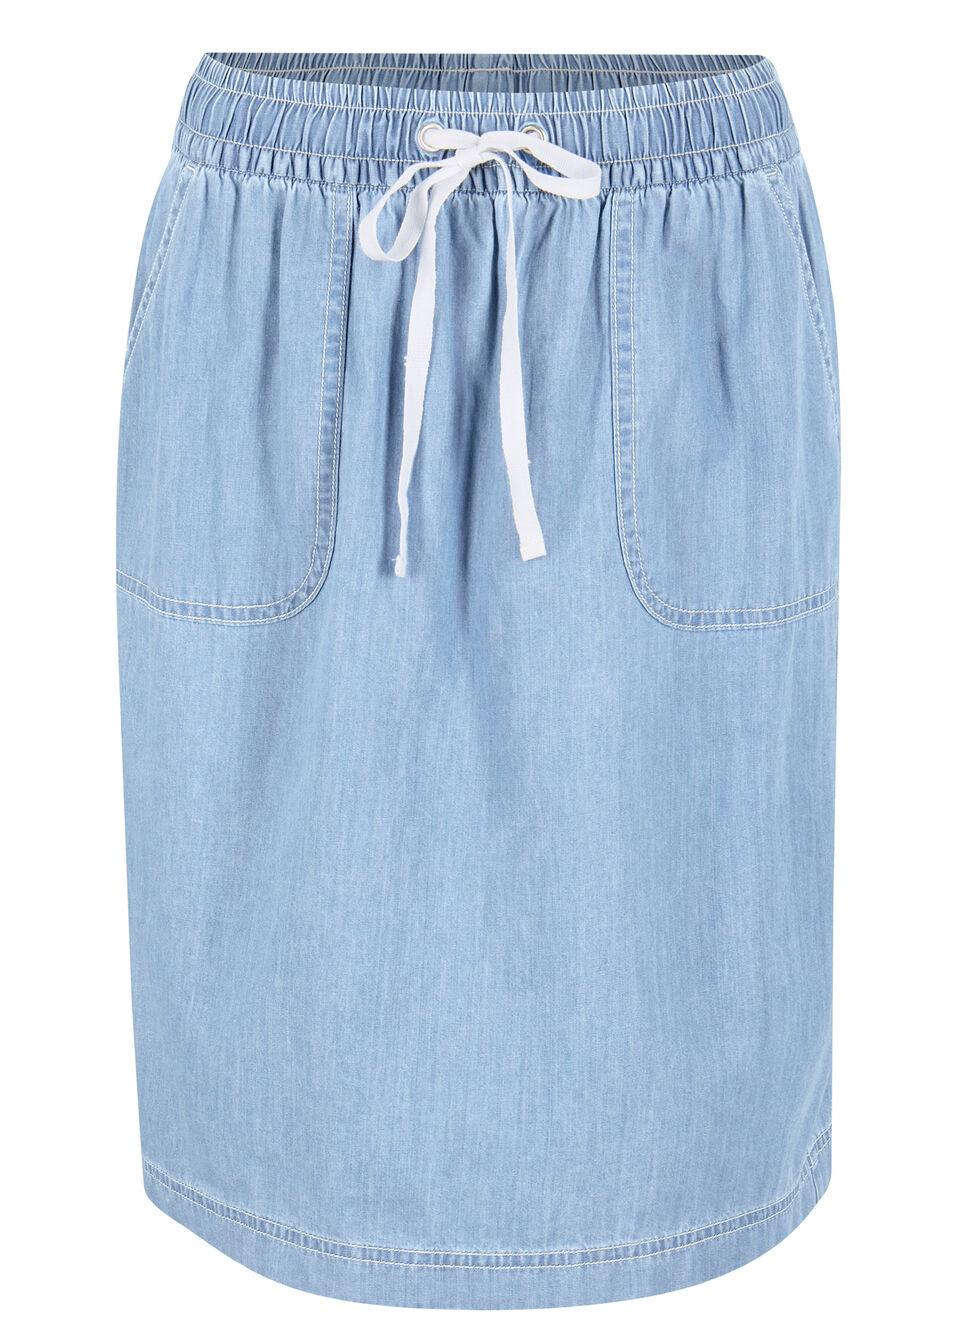 Spódnica dżinsowa z  wygodnym paskiem i kieszeniami bonprix jasnoniebieski denim